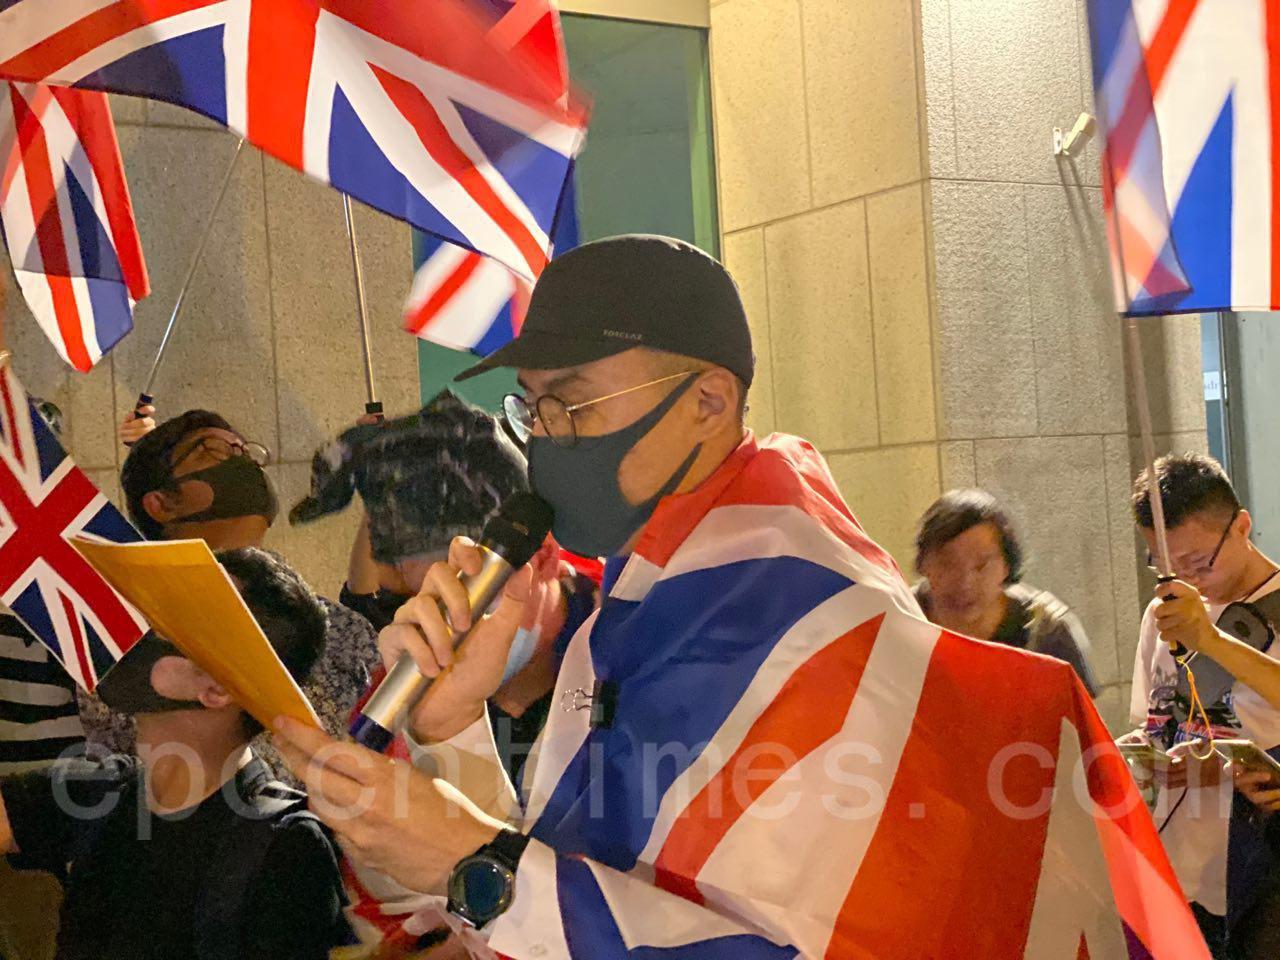 香港市民發起23日晚前往英國駐港總領事館外集會,組人鏈,集會人群高呼支持香港的口號,還唱英國國歌,並以英文宣讀聲明。(駱亞/大紀元)